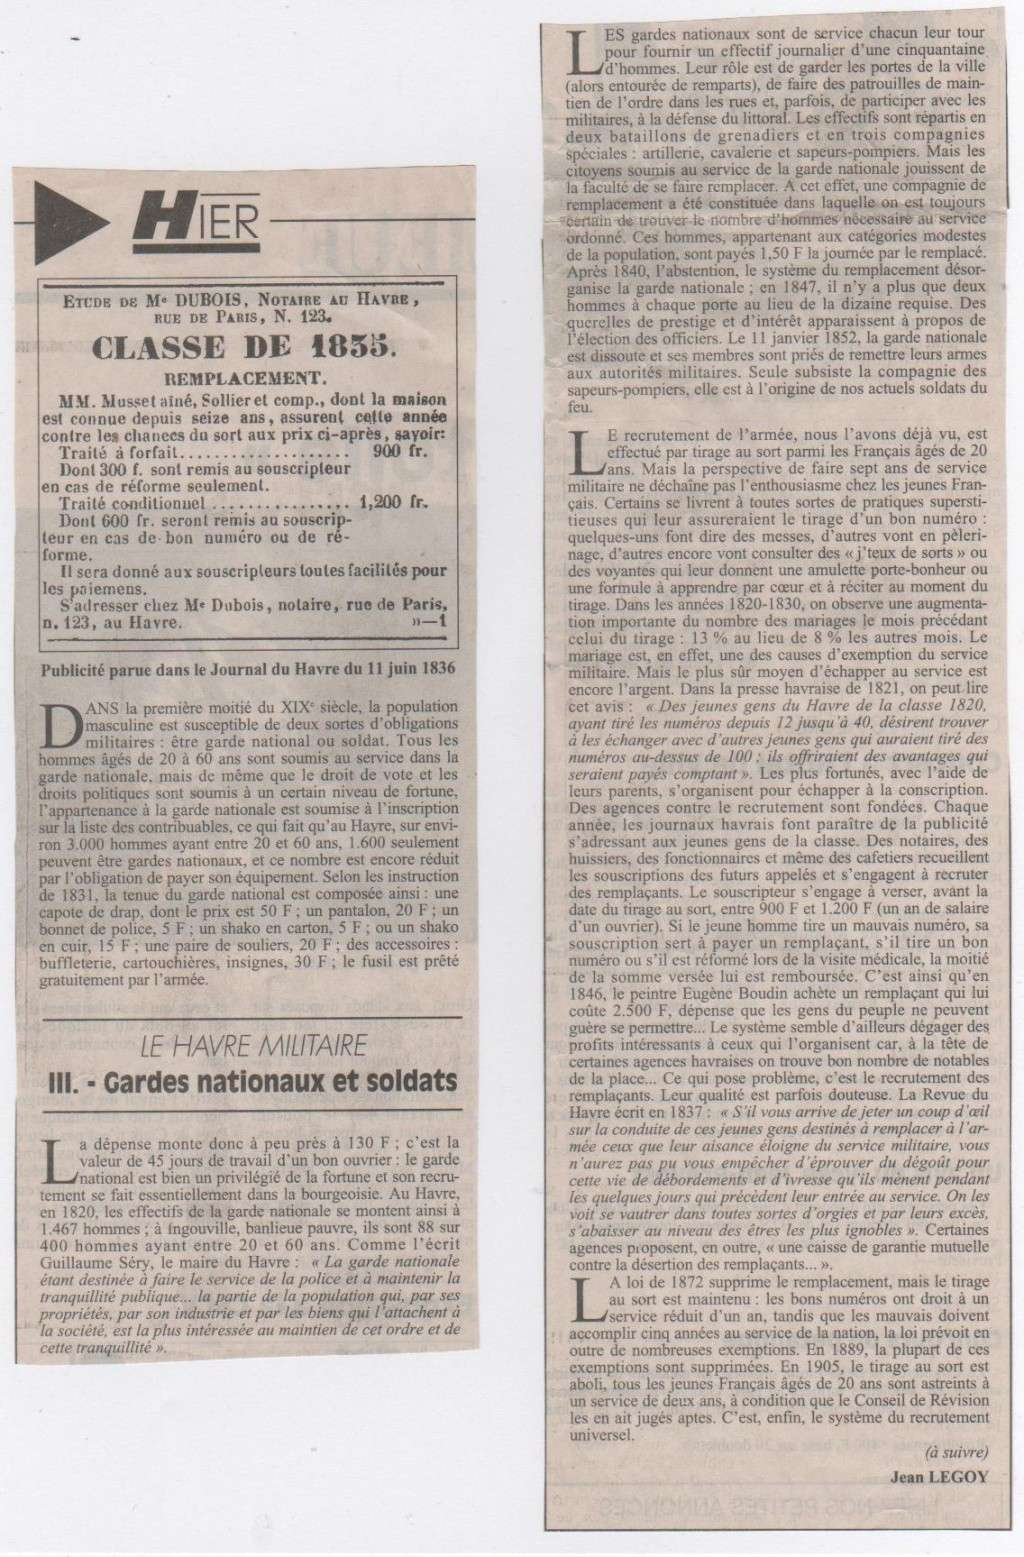 Hier, Le Havre par Jean LEGOY - Page 2 Jean_l55